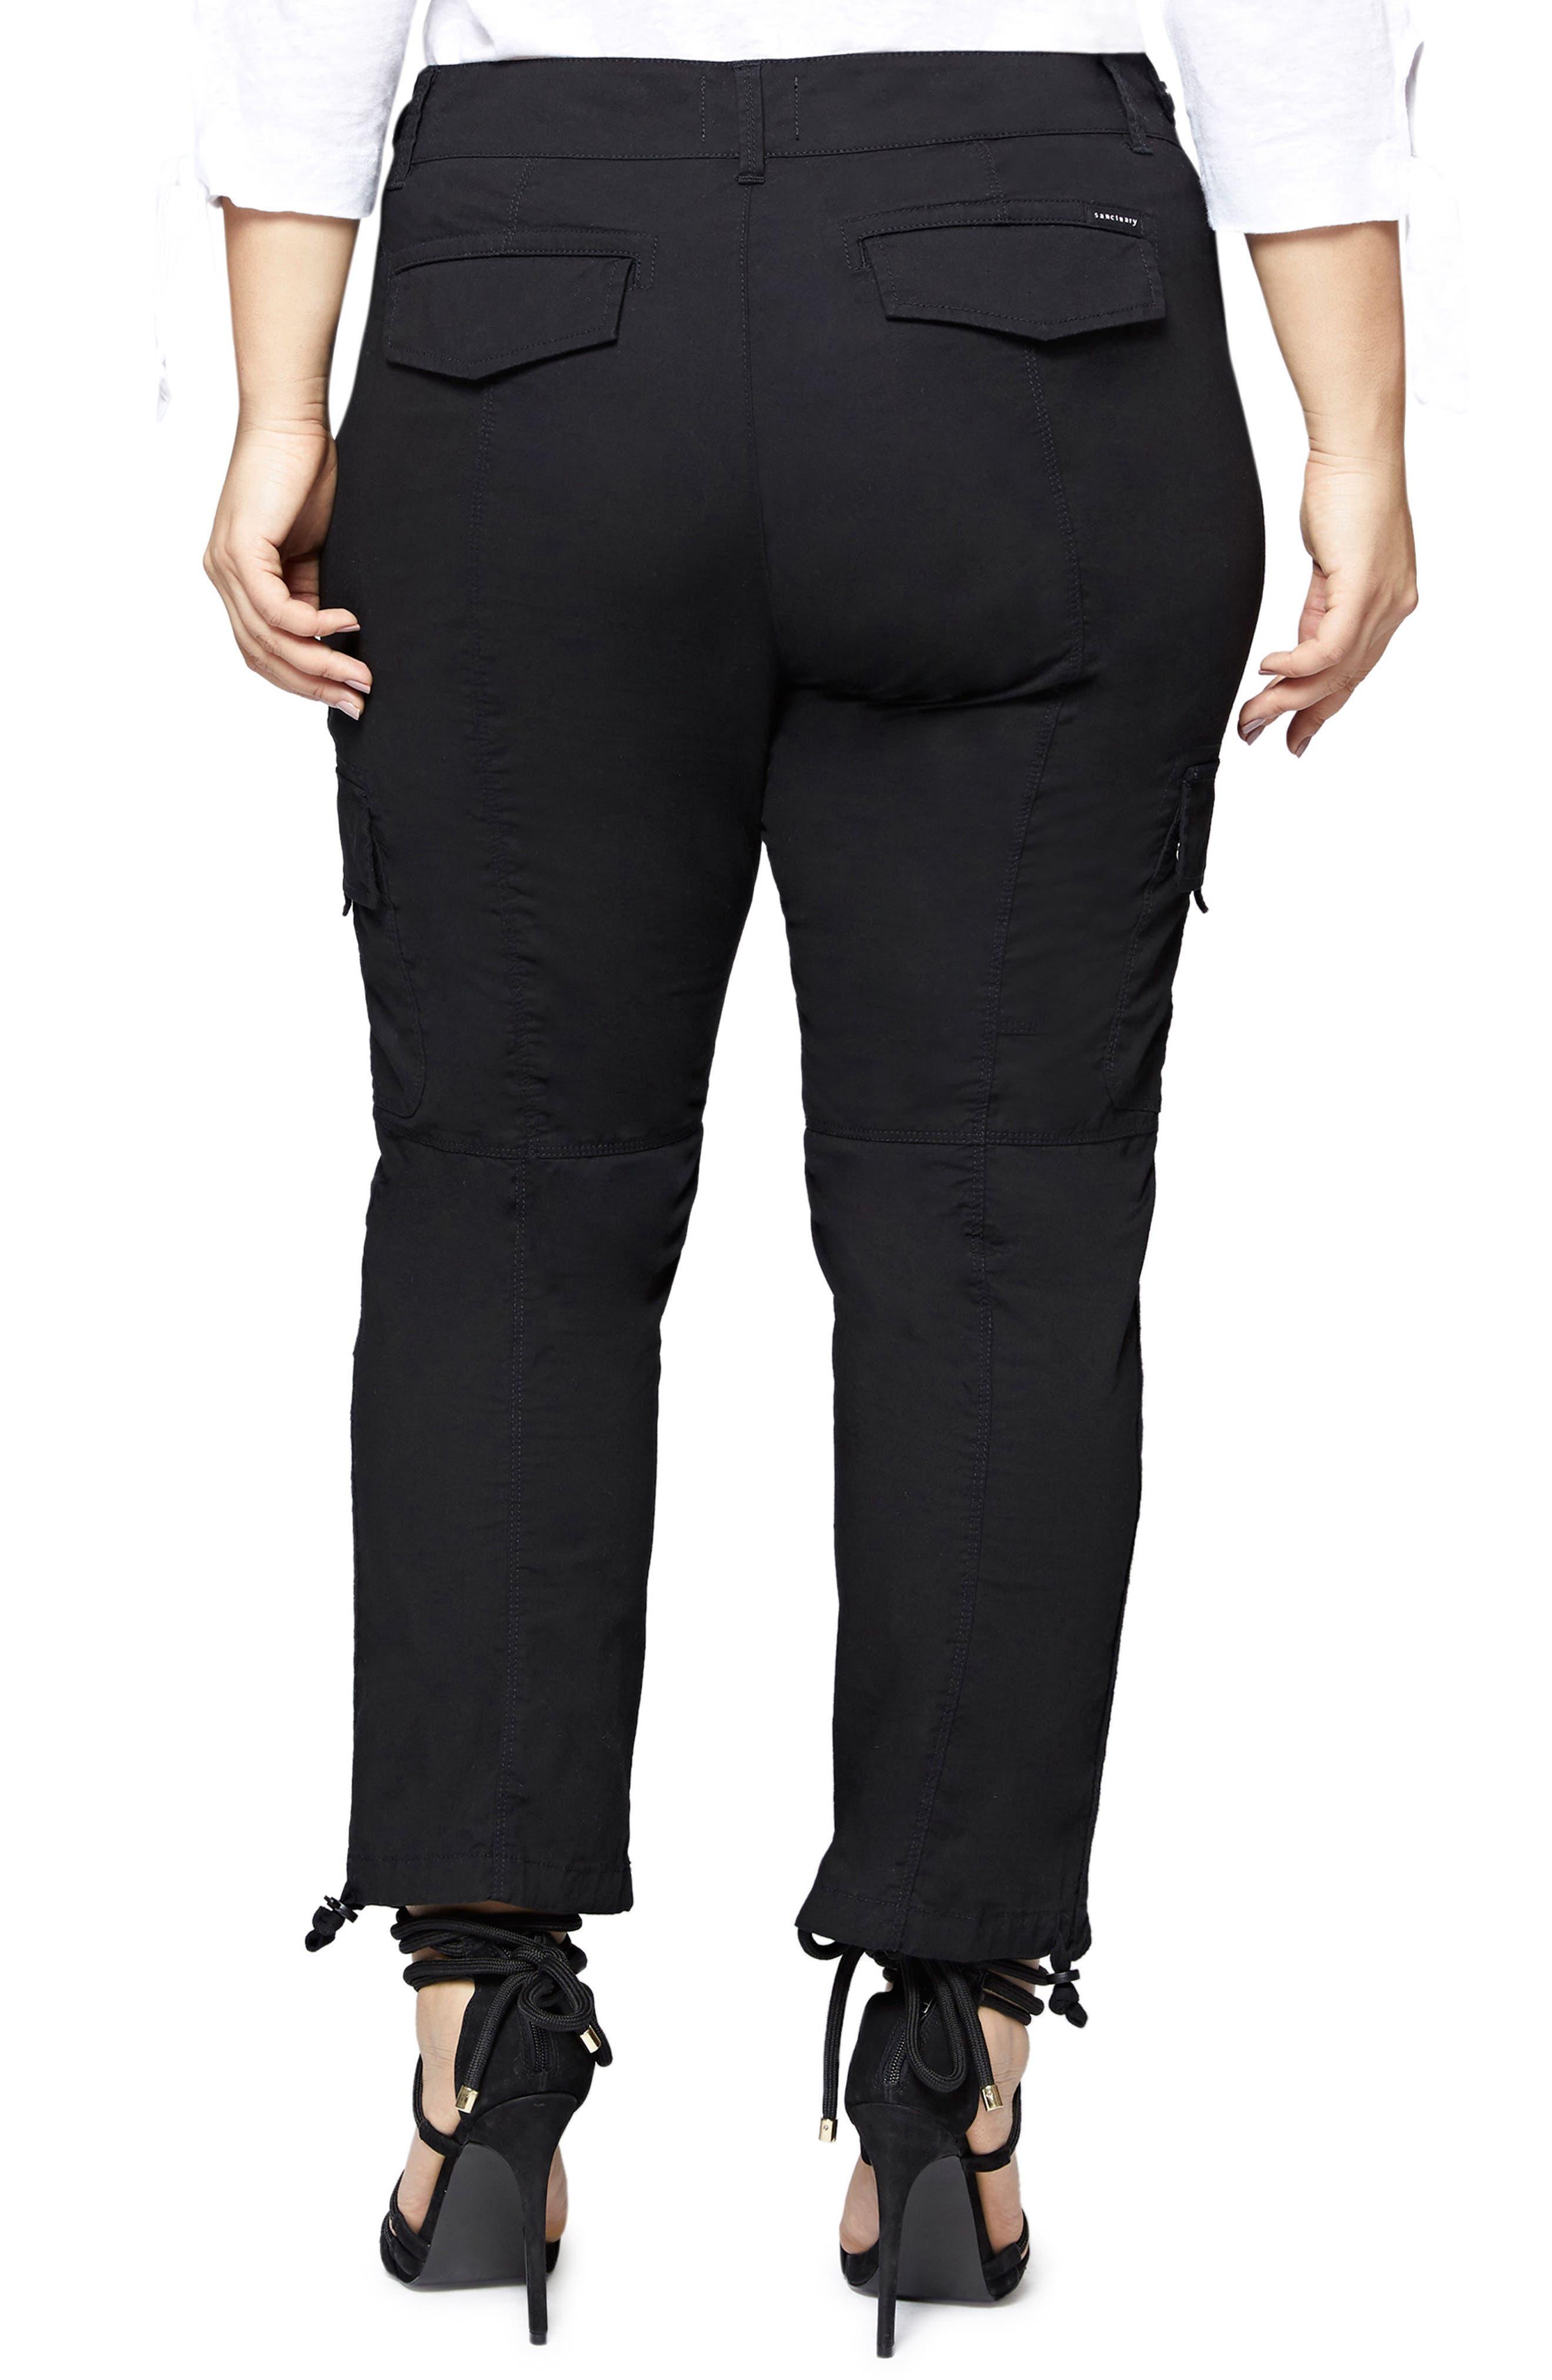 Terrain Crop Cargo Pants,                             Alternate thumbnail 2, color,                             Black